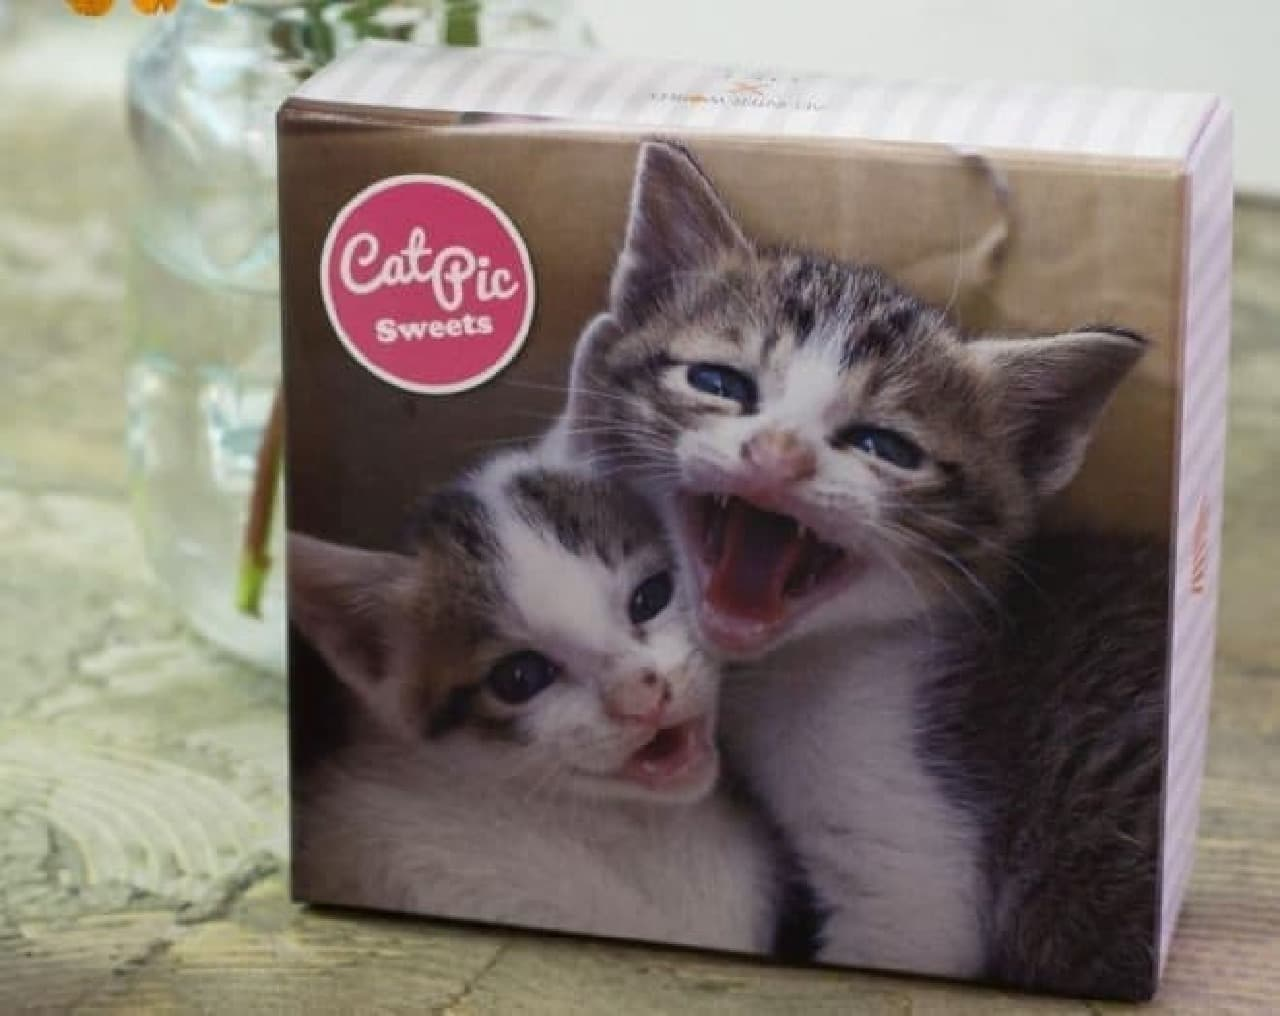 『必死すぎる猫』の沖昌之さん撮影のネコたちがパッケージの「CAT PICクッキーズ」